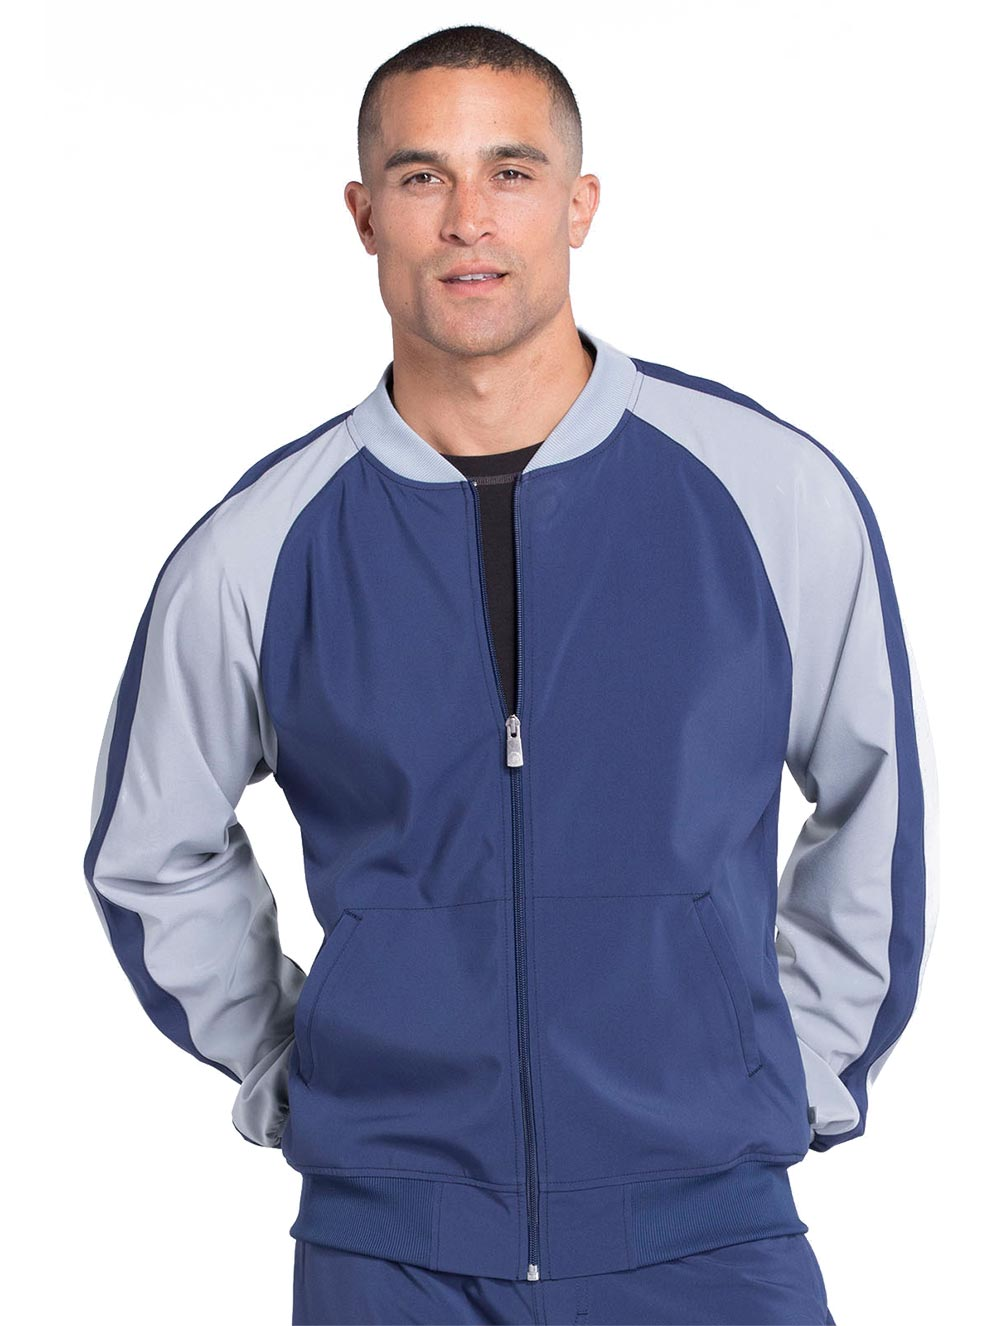 Men's Colorblock Zip Up Warm-Up Jacket